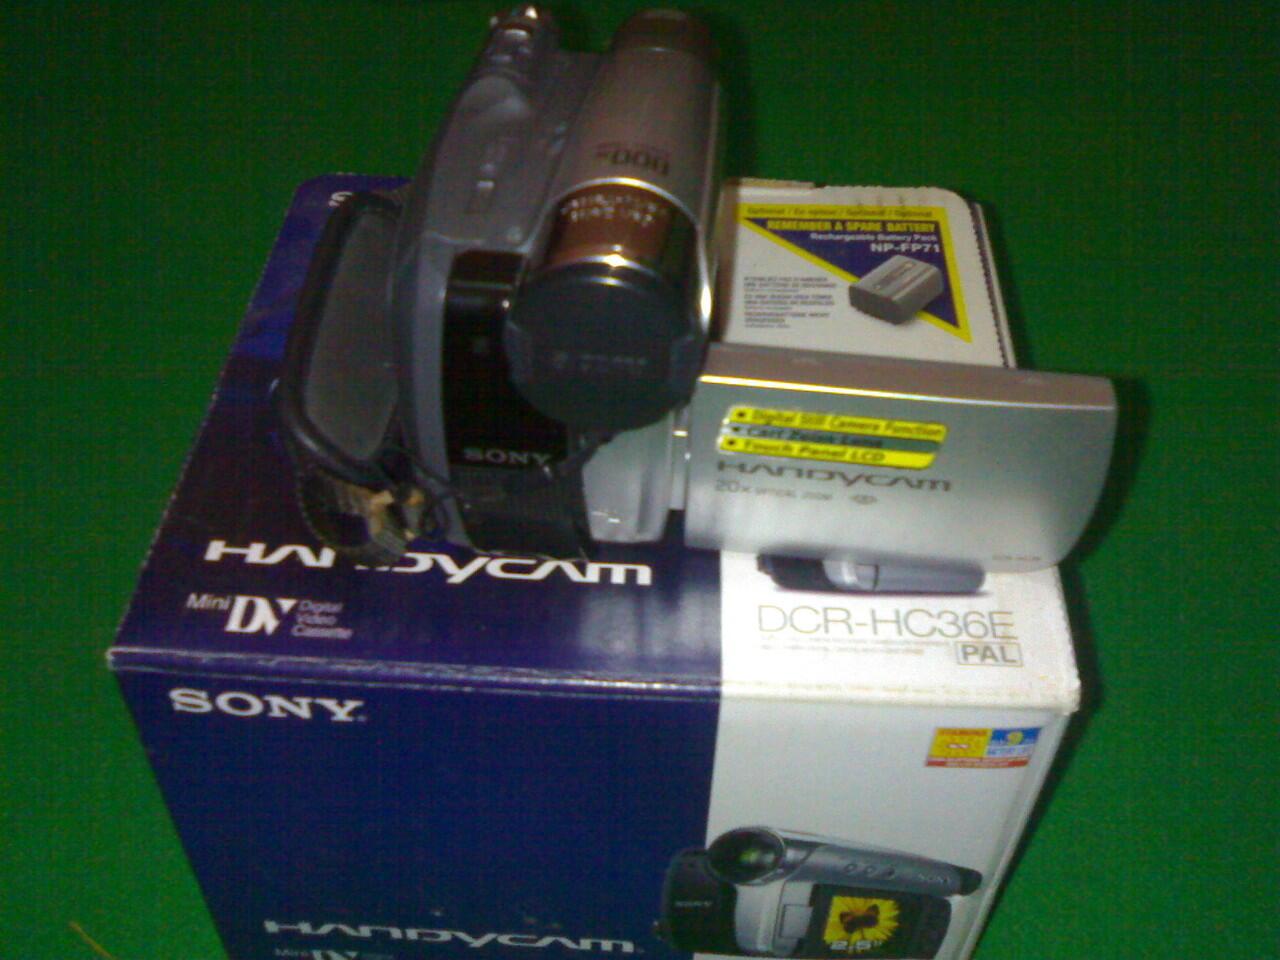 Handycam Sony Dcr-hc36e Solo